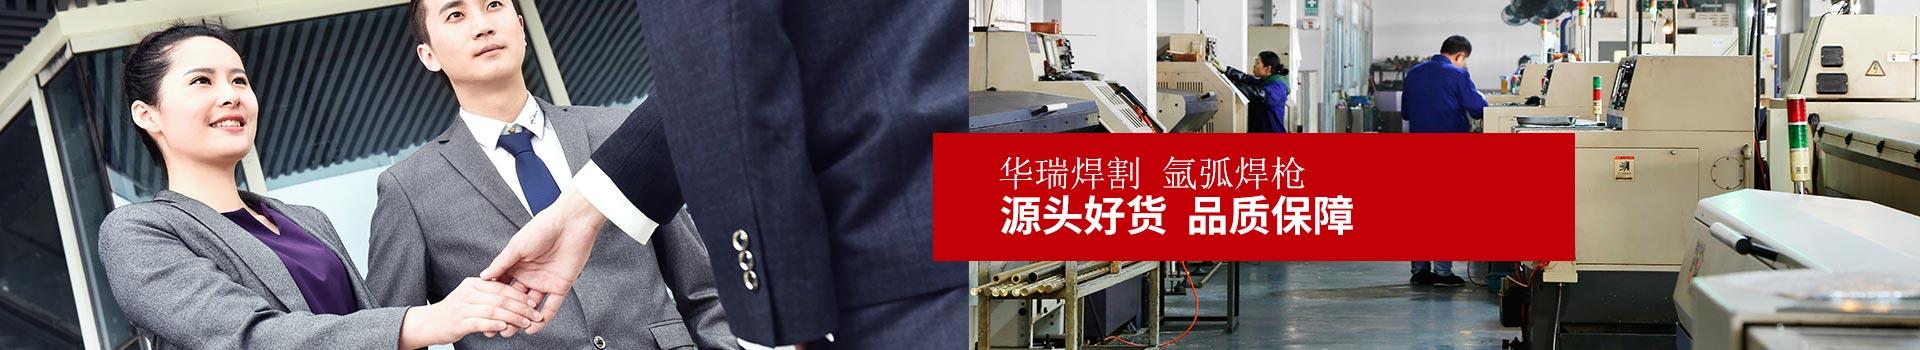 华瑞焊割  氩弧焊枪 源头好货  品质保障